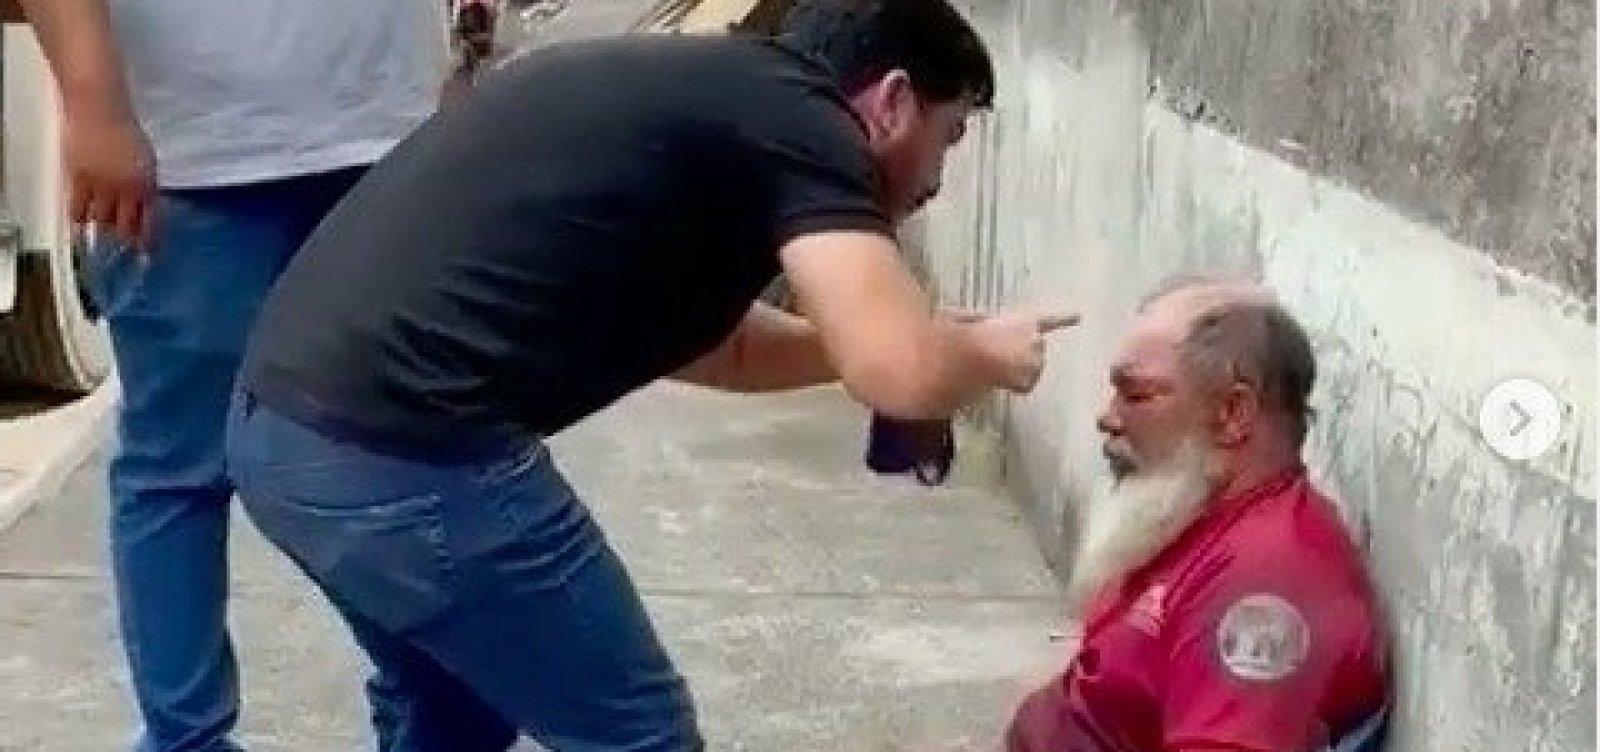 [Deputado cassado Marcell Moraes filma e divulga agressão a homem acusado de espancar animal]